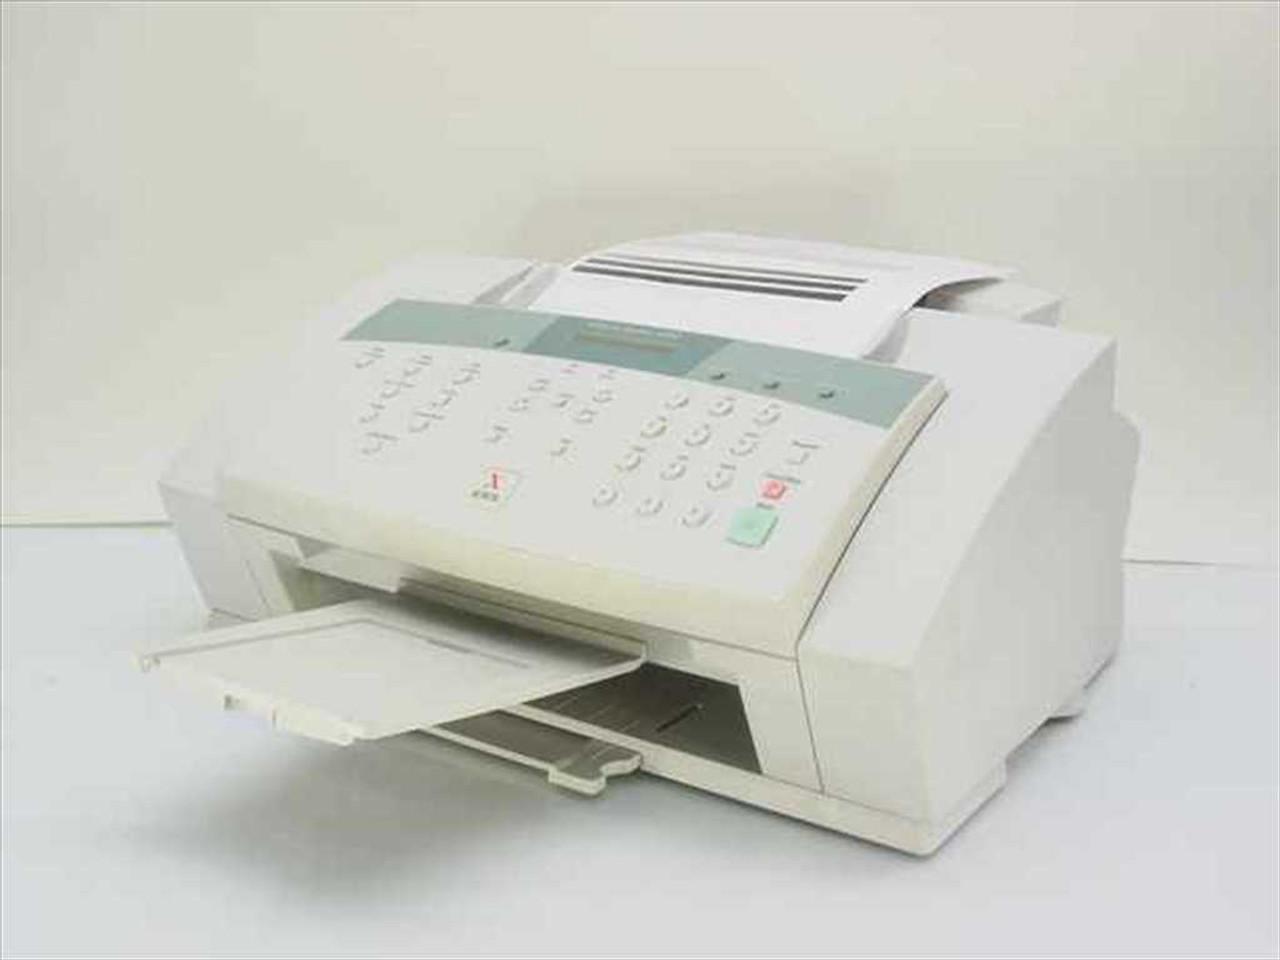 XEROX Printer WorkCentre 490cx Driver Download